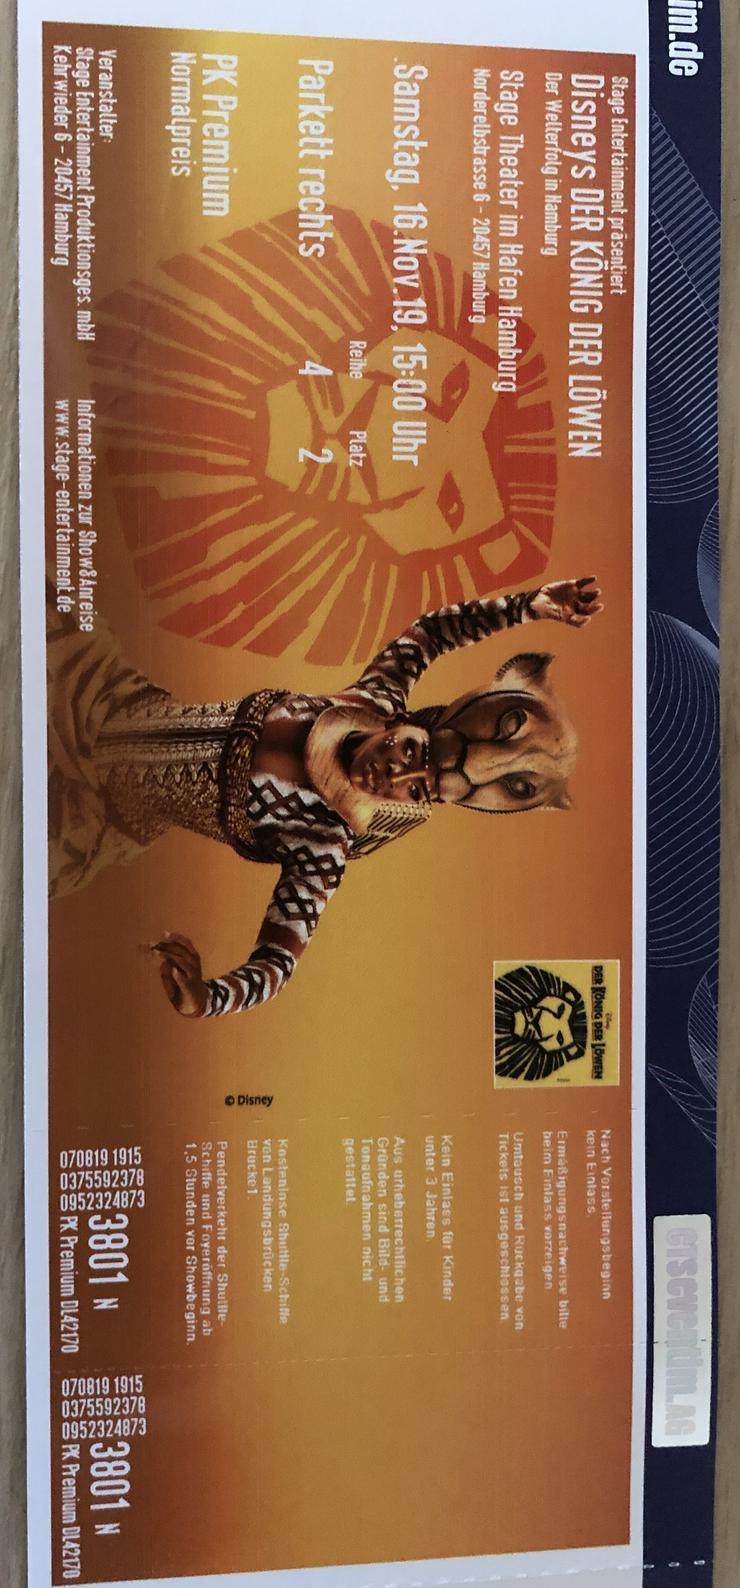 Disneys Der König der Löwen, Musical Hamburg, 5 Tickets, 16.11.19, 15 Uhr